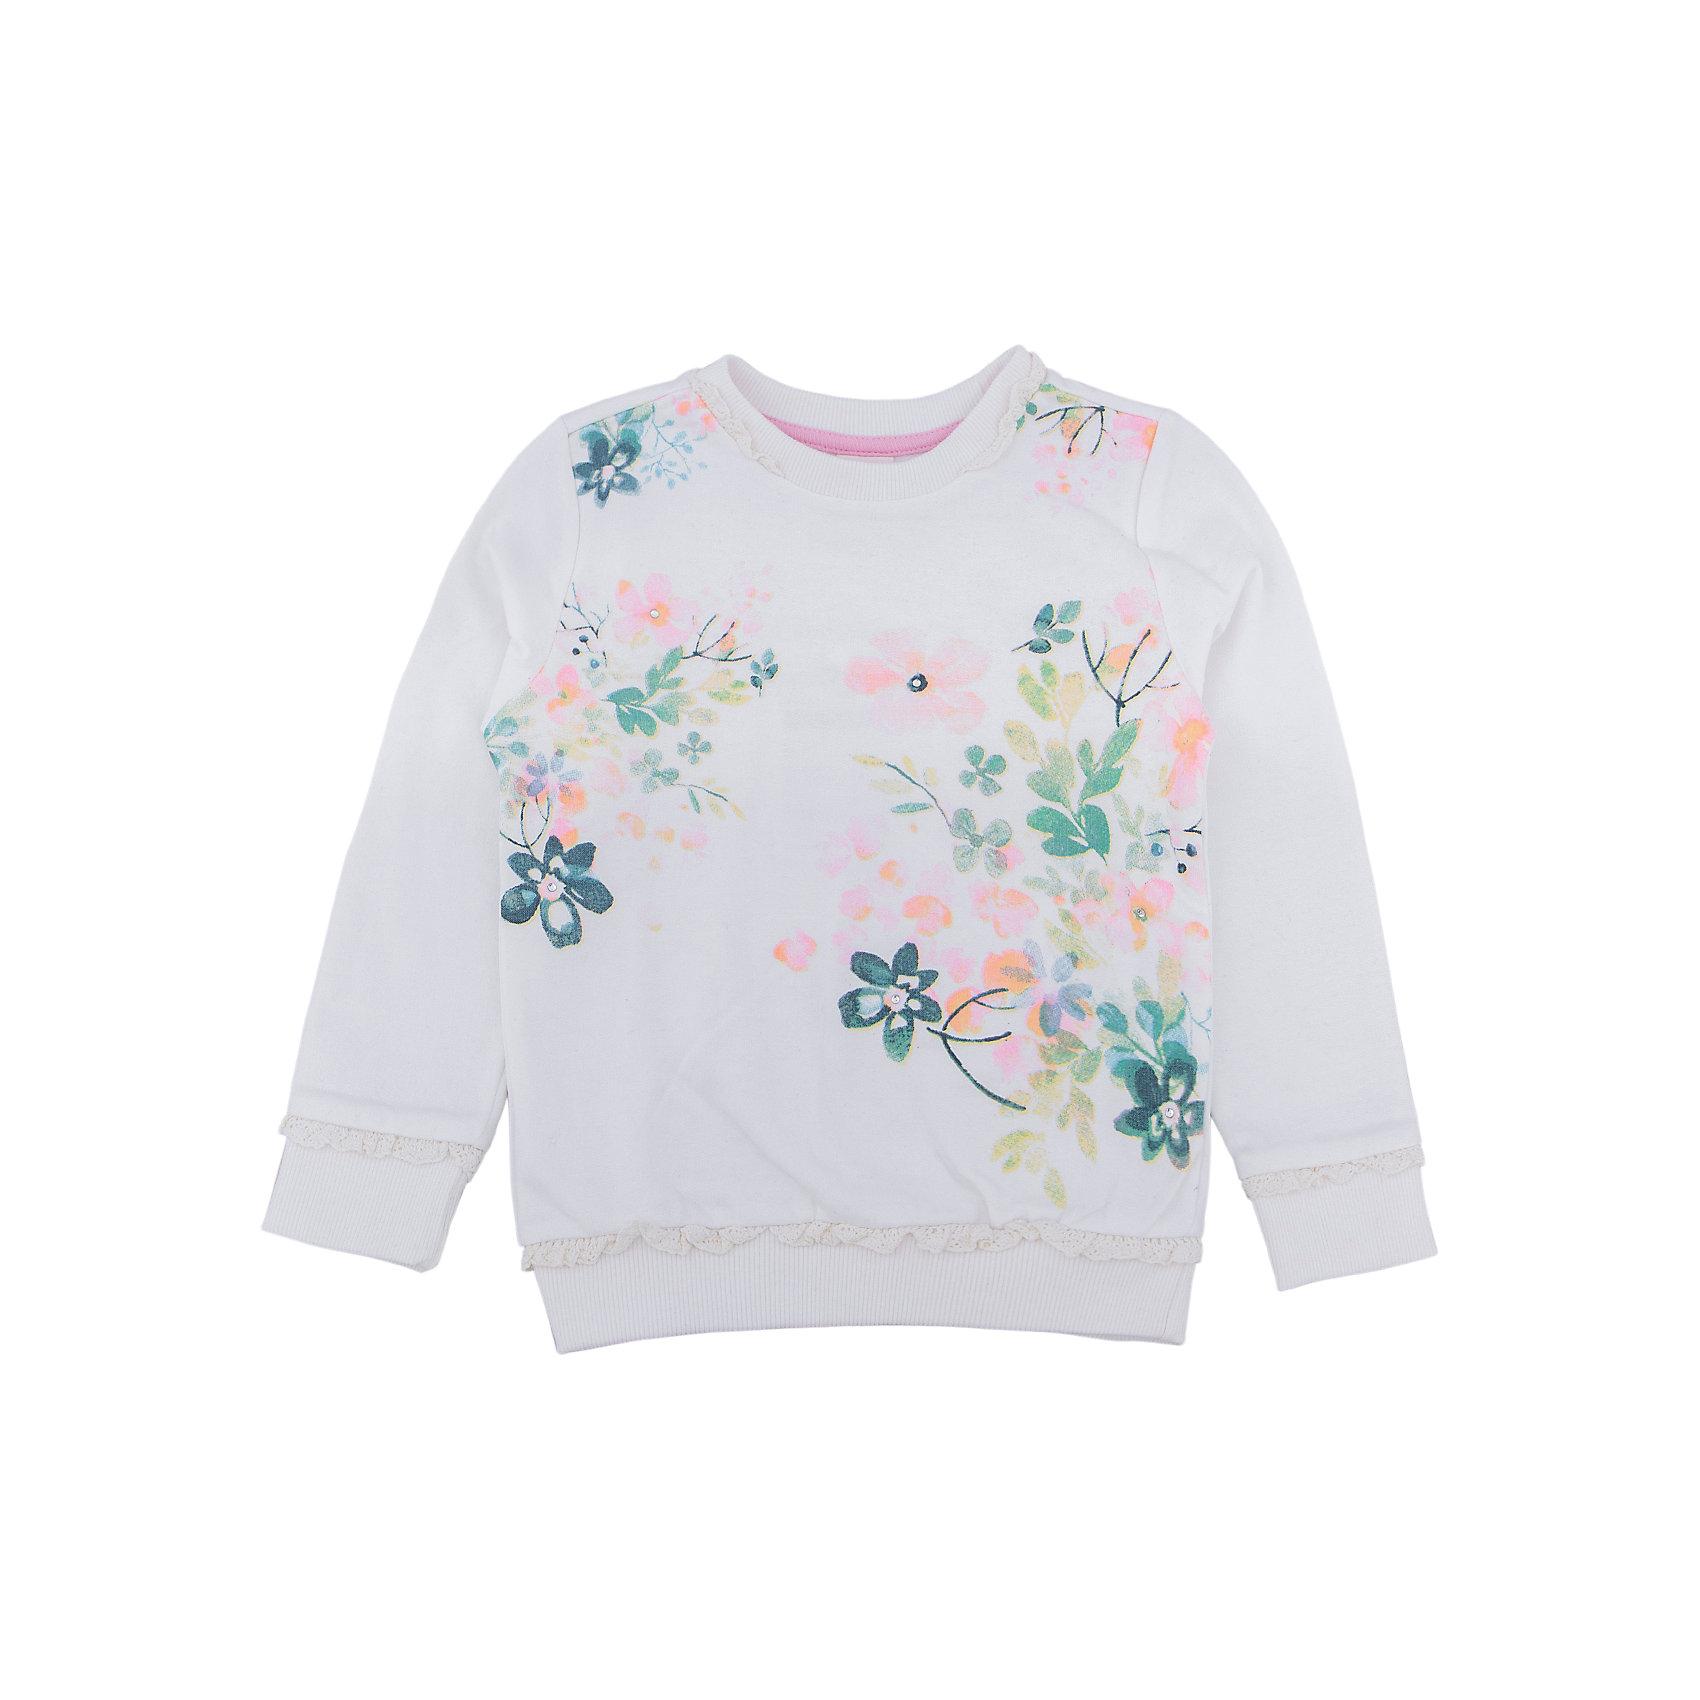 Толстовка для девочки SELAТолстовки<br>Толстовка для девочки SELA<br><br>Характеристики:<br><br>• Цвет молочный.<br>• Рукав длинный.<br>• Силуэт прямой.<br>• Состав:65% хлопок, 35% полиэстер.<br><br><br>Симпатичный джемпер для девочки от признанного лидера по созданию коллекций одежды в стиле casual - SELA. Красивый джемпер из хлопкового трикотажа молочного цвета украшен стильным цветочным принтом . Натуральный хлопок в составе изделия делает его дышащим, приятным на ощупь и гипоаллергенным. С таким джемпером можно создать много разных ансамблей - одинаково хорошо будет смотреться и нарядная юбочка и классические джинсы.<br><br>Джемпер для девочки SELA, можно купить в нашем интернет - магазине.<br><br>Ширина мм: 190<br>Глубина мм: 74<br>Высота мм: 229<br>Вес г: 236<br>Цвет: белый<br>Возраст от месяцев: 60<br>Возраст до месяцев: 72<br>Пол: Женский<br>Возраст: Детский<br>Размер: 116,92,98,104,110<br>SKU: 5020293